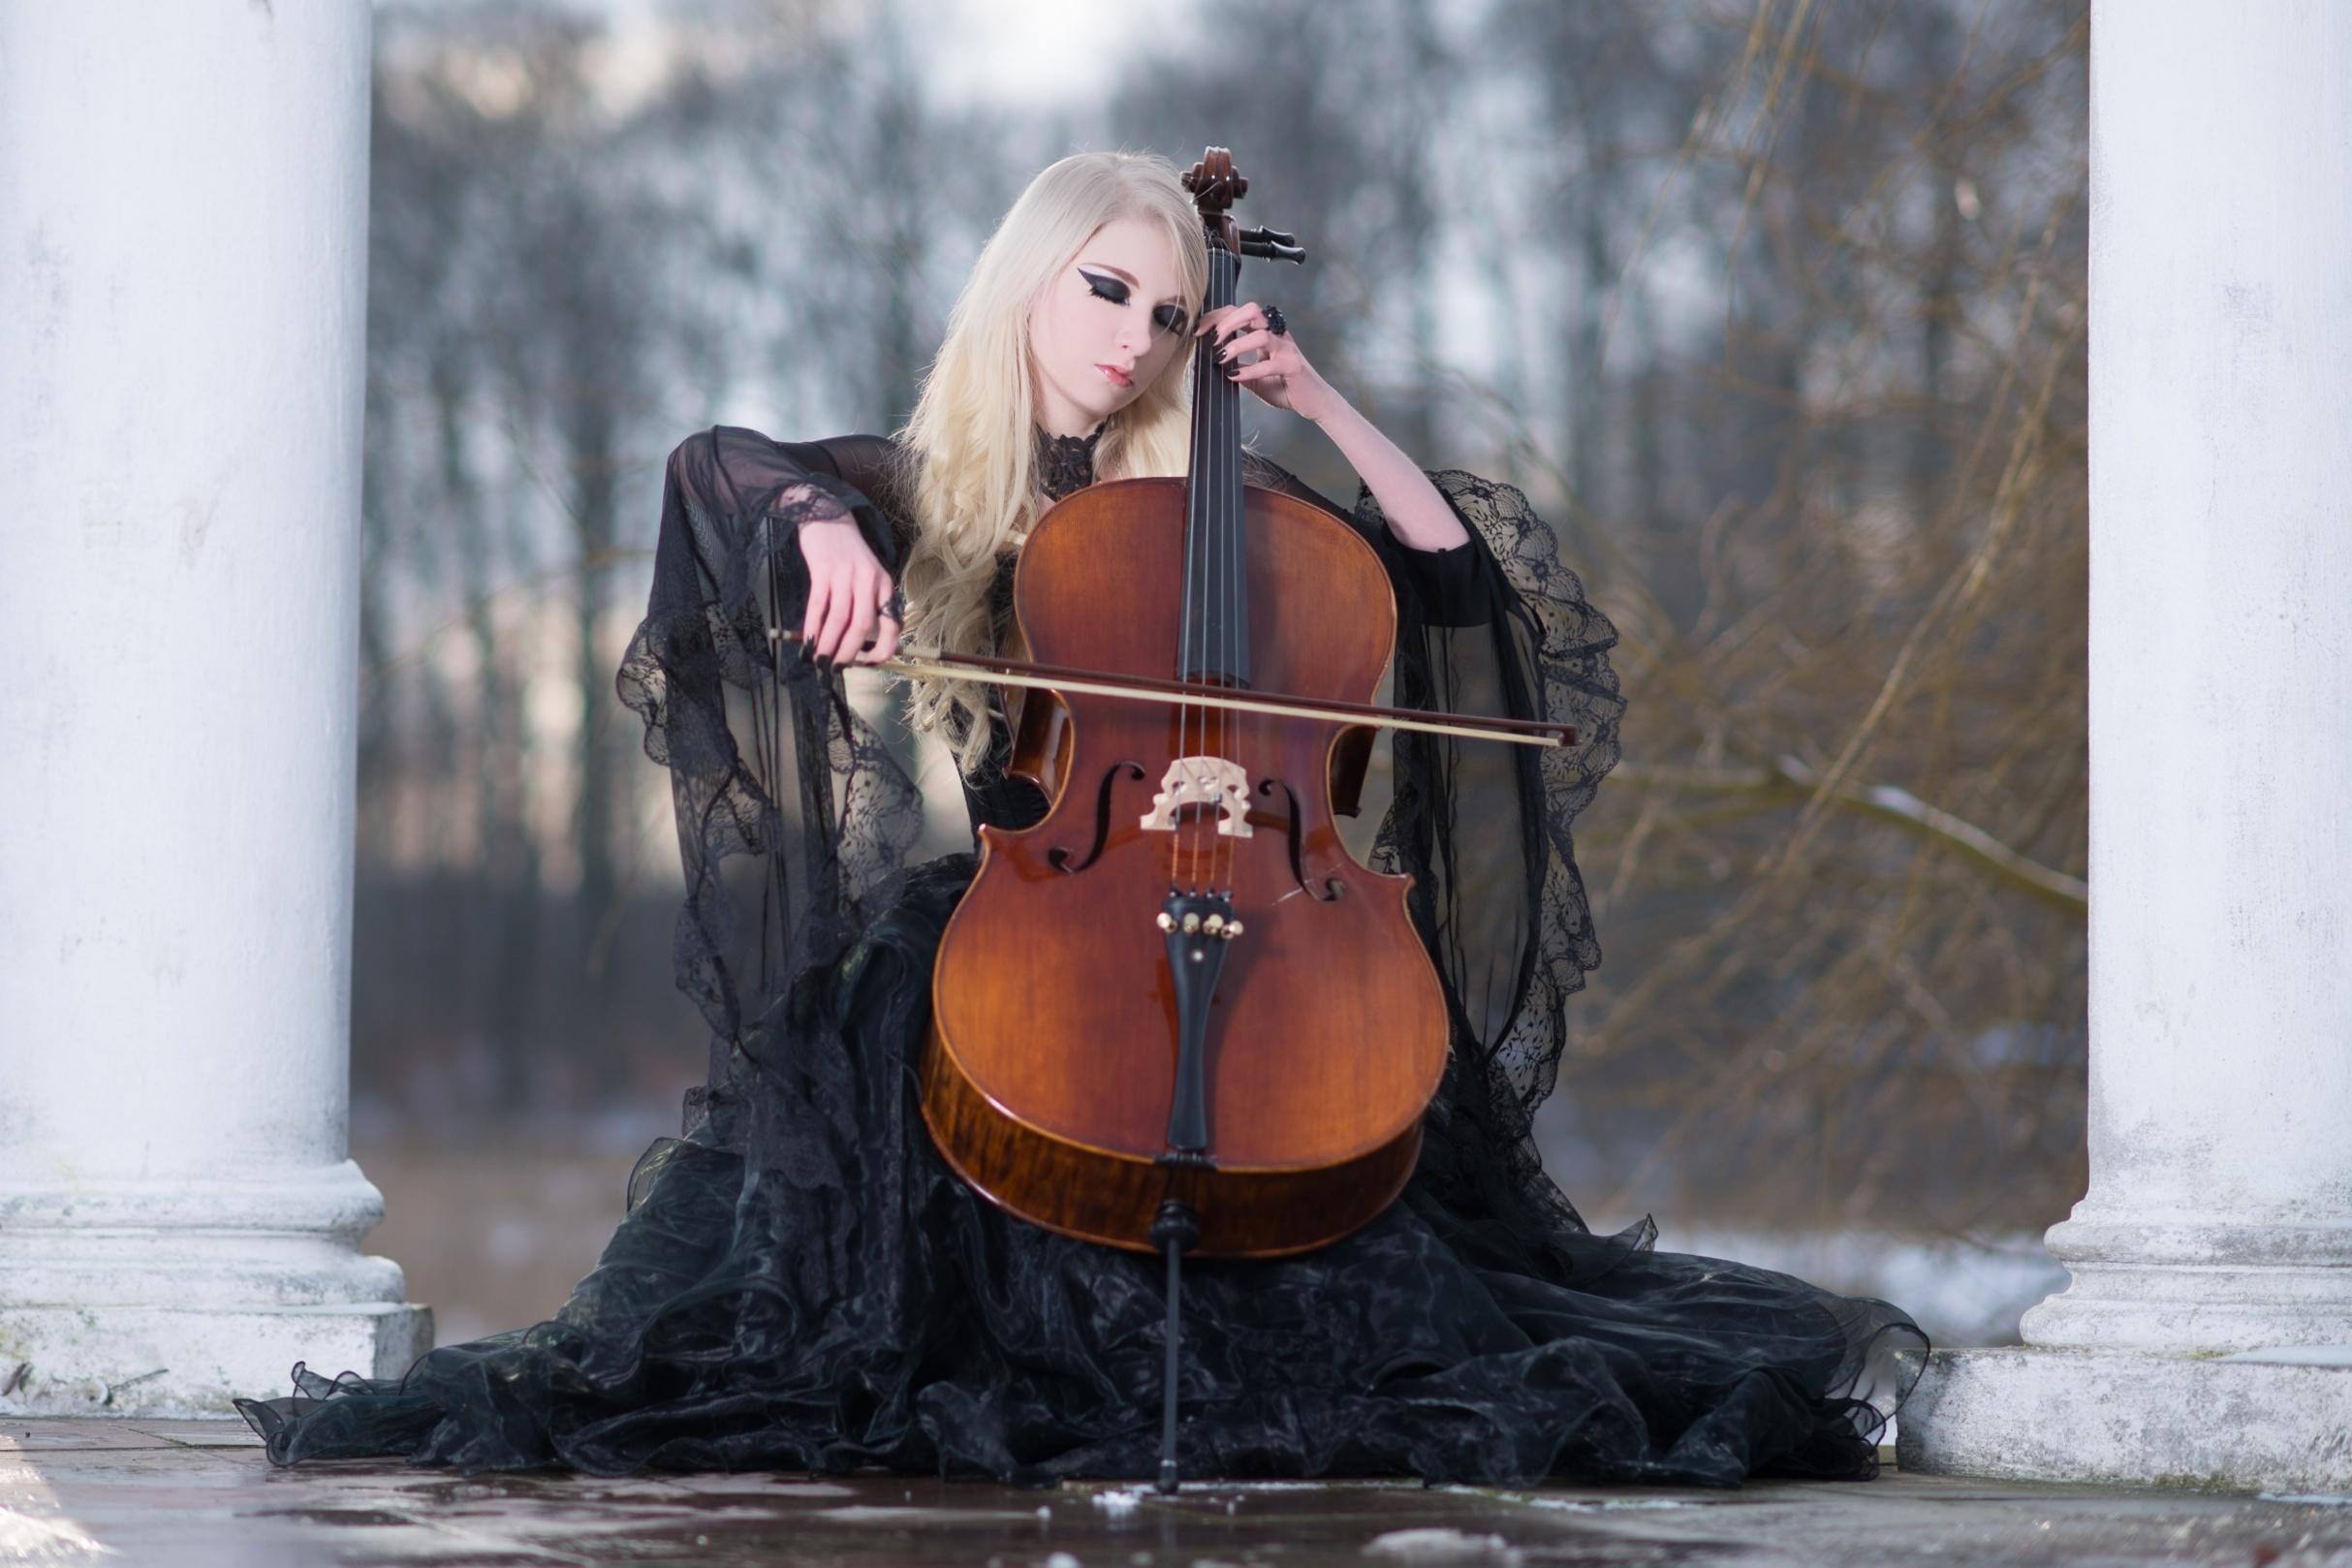 красивая фотосессия с виолончелью всего